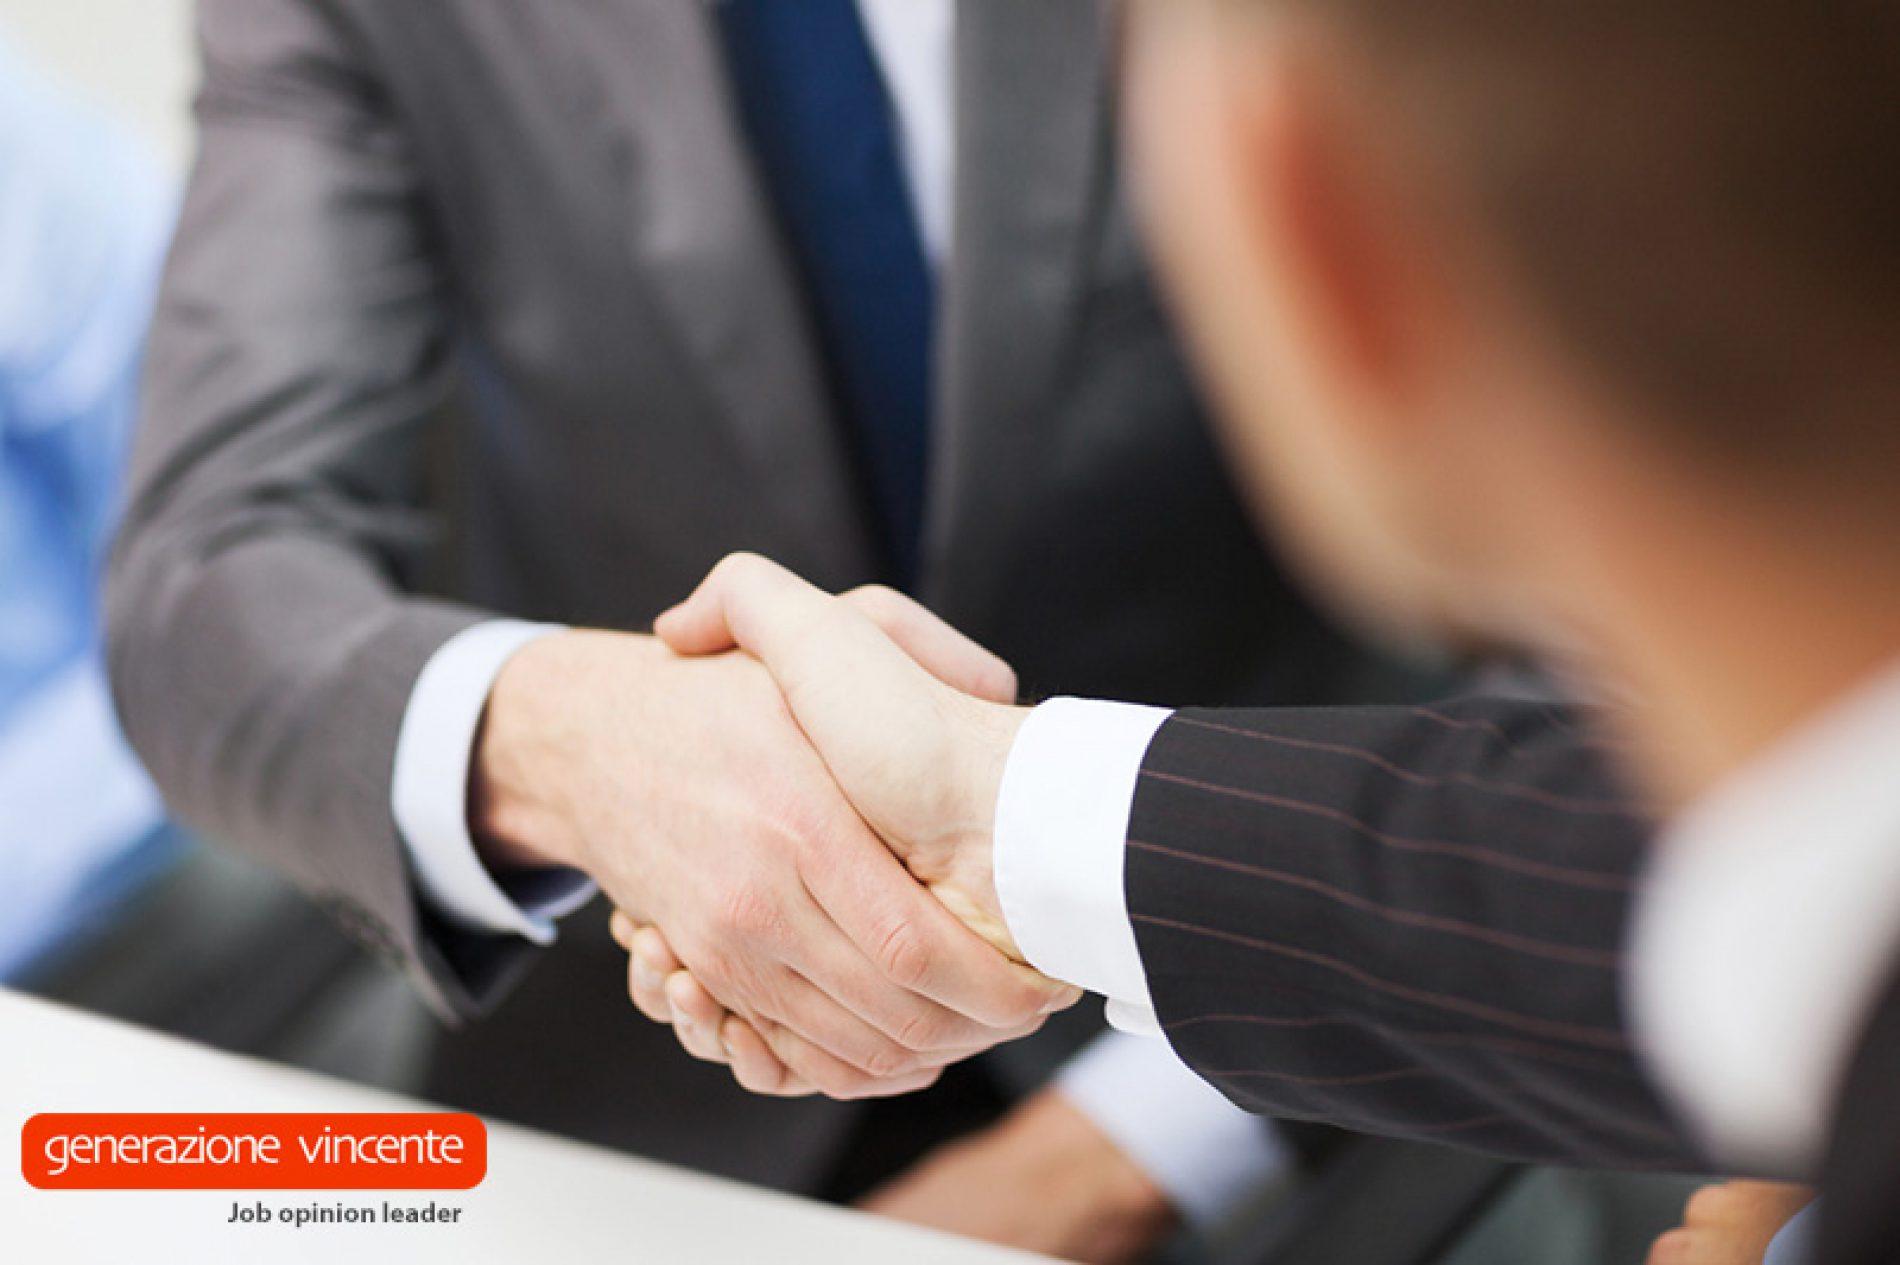 Lavorare fino a 70 anni: necessità dell'accordo con il datore [E.Massi]